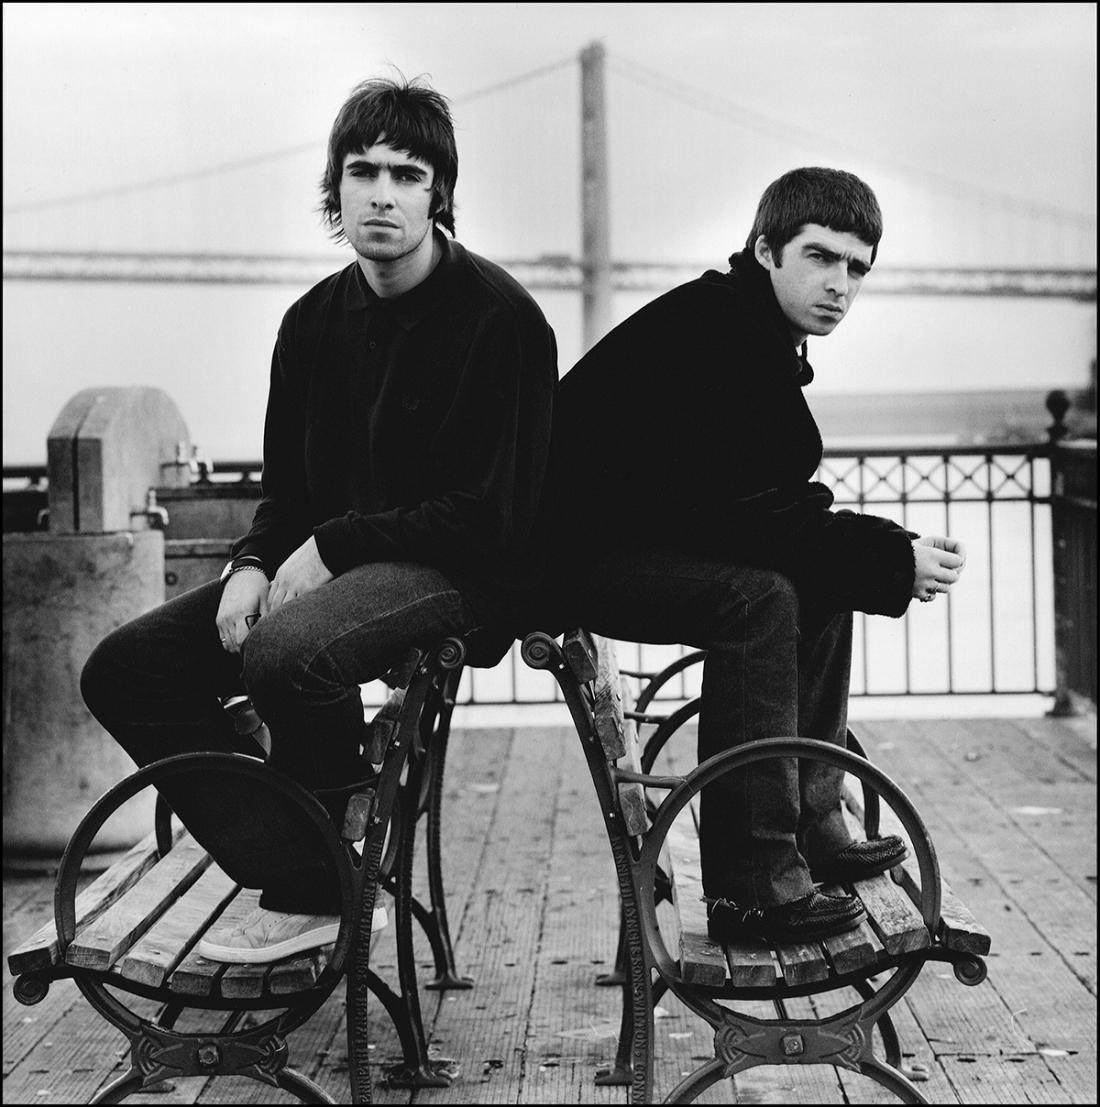 Liam & Noel, Oasis – © Jill Furmanovsky